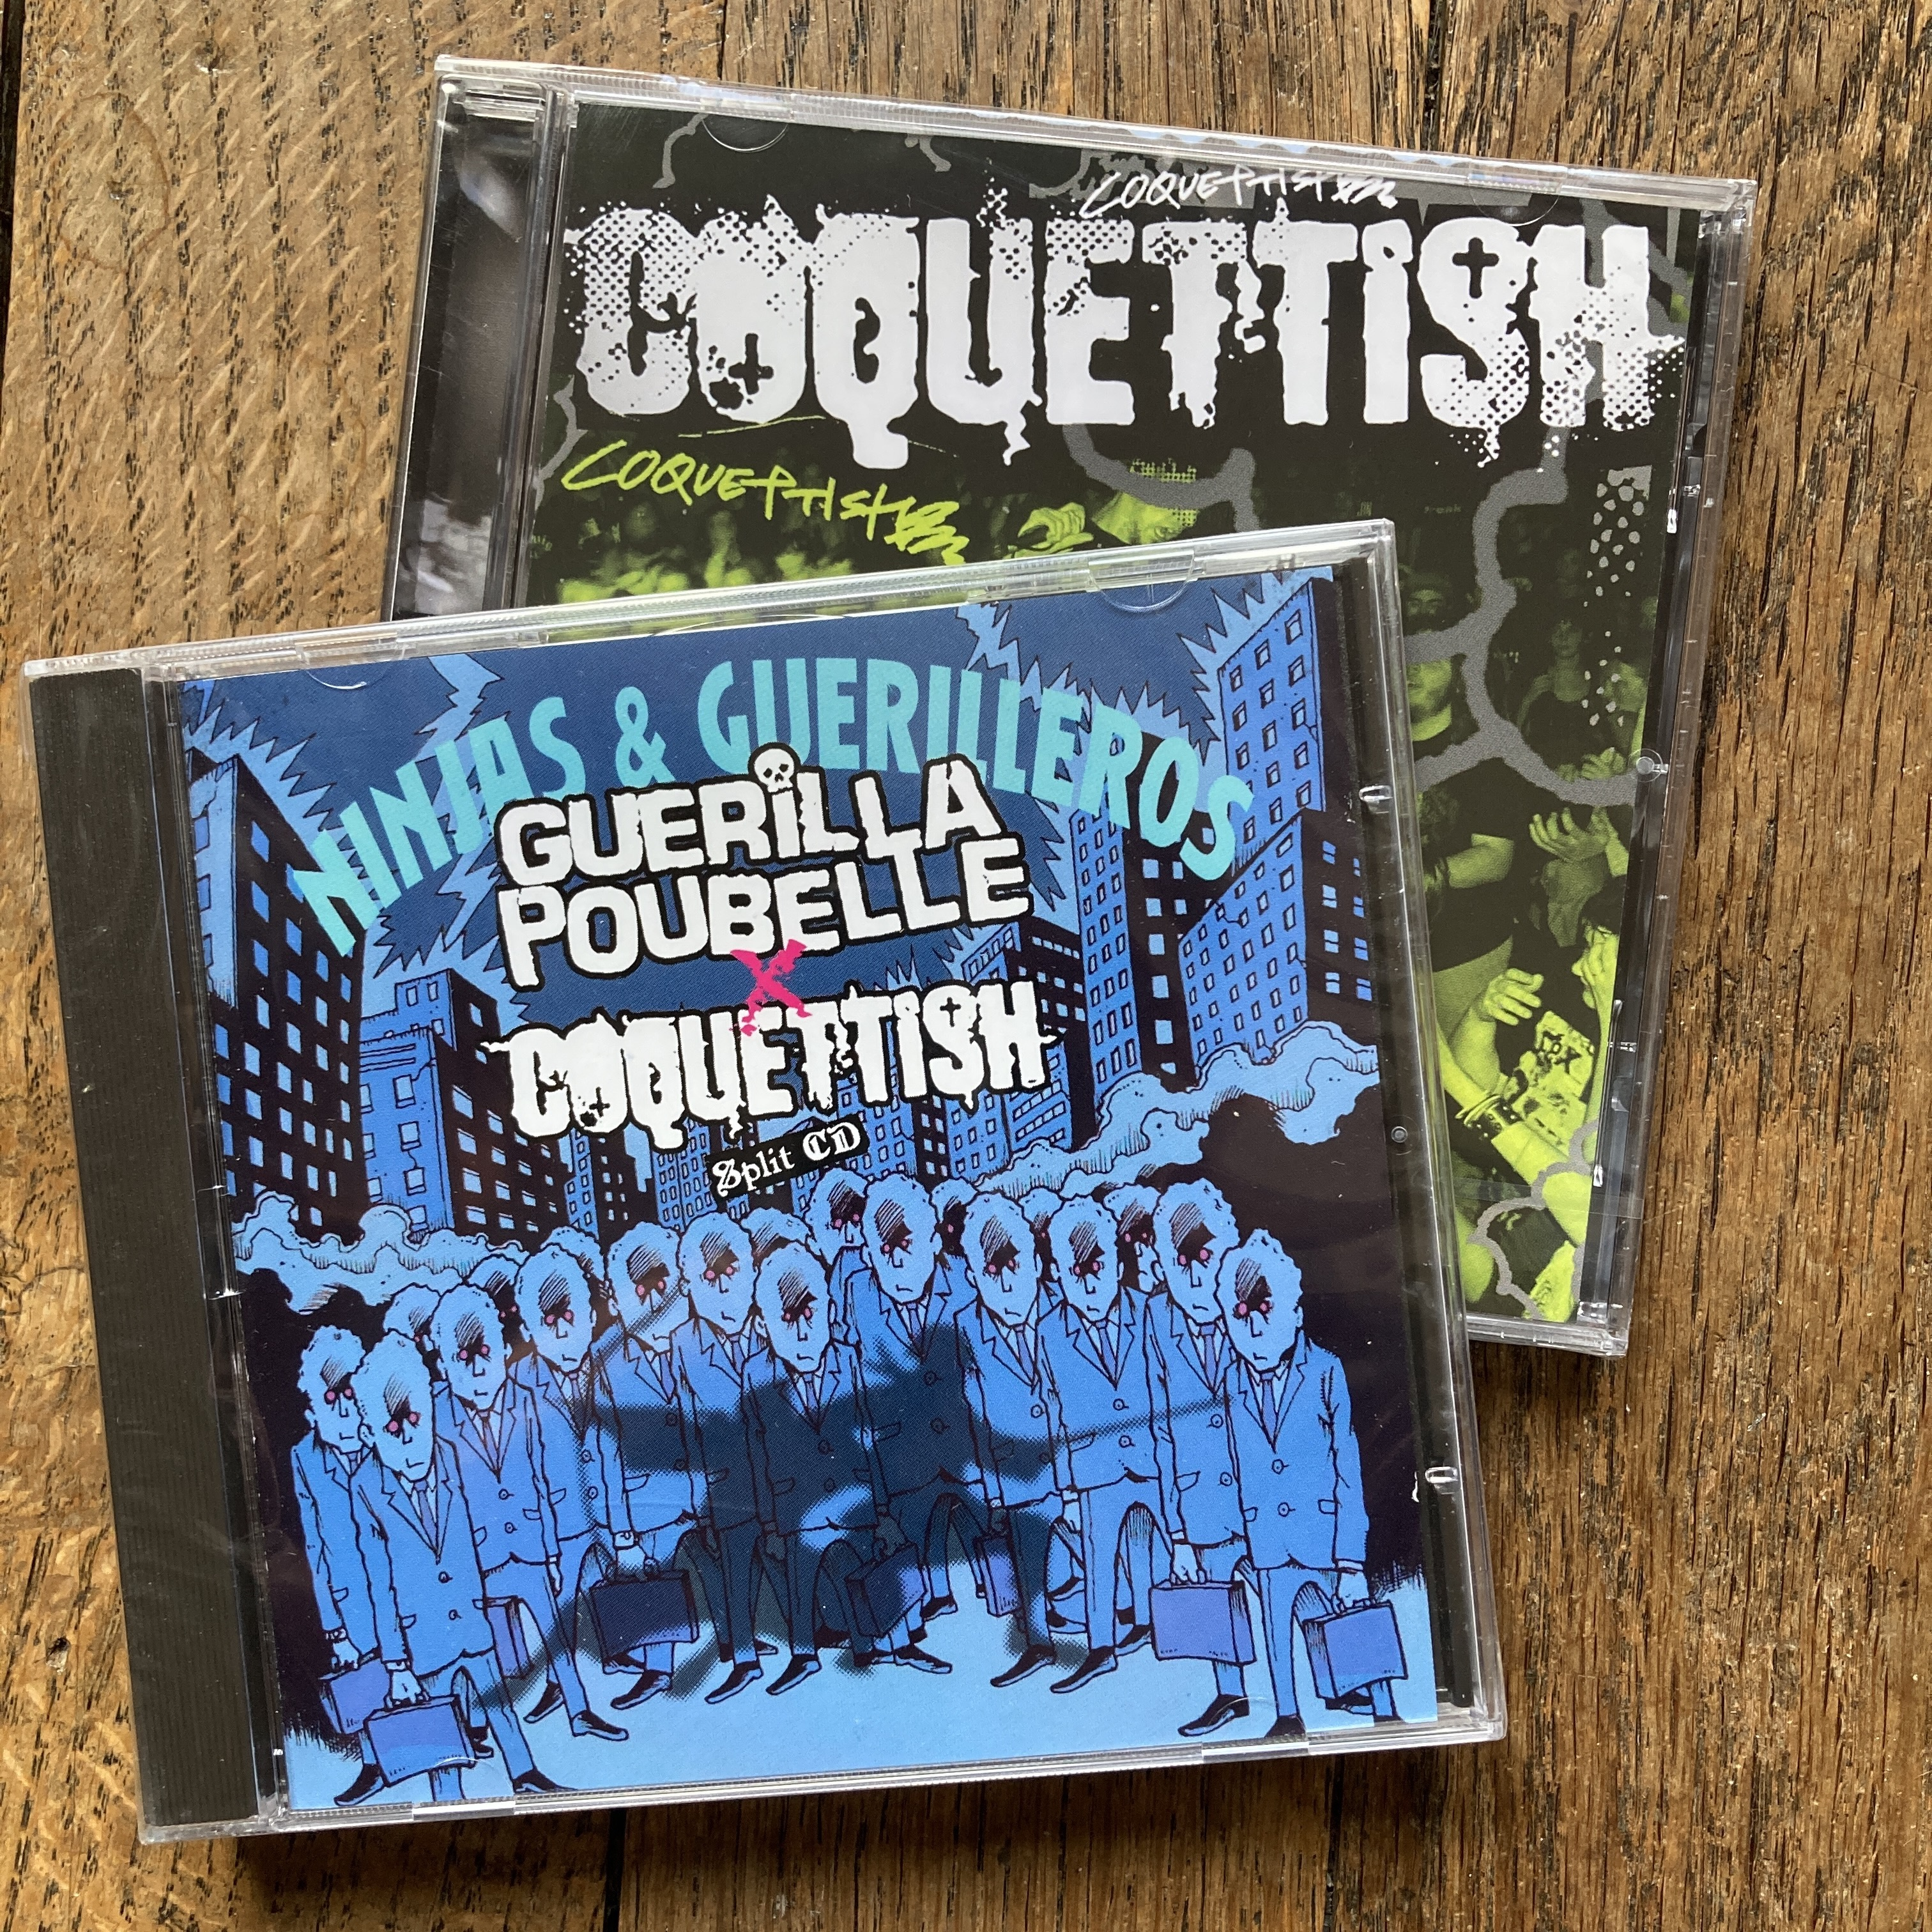 DEAL split CD + FREE Coquettish album !!